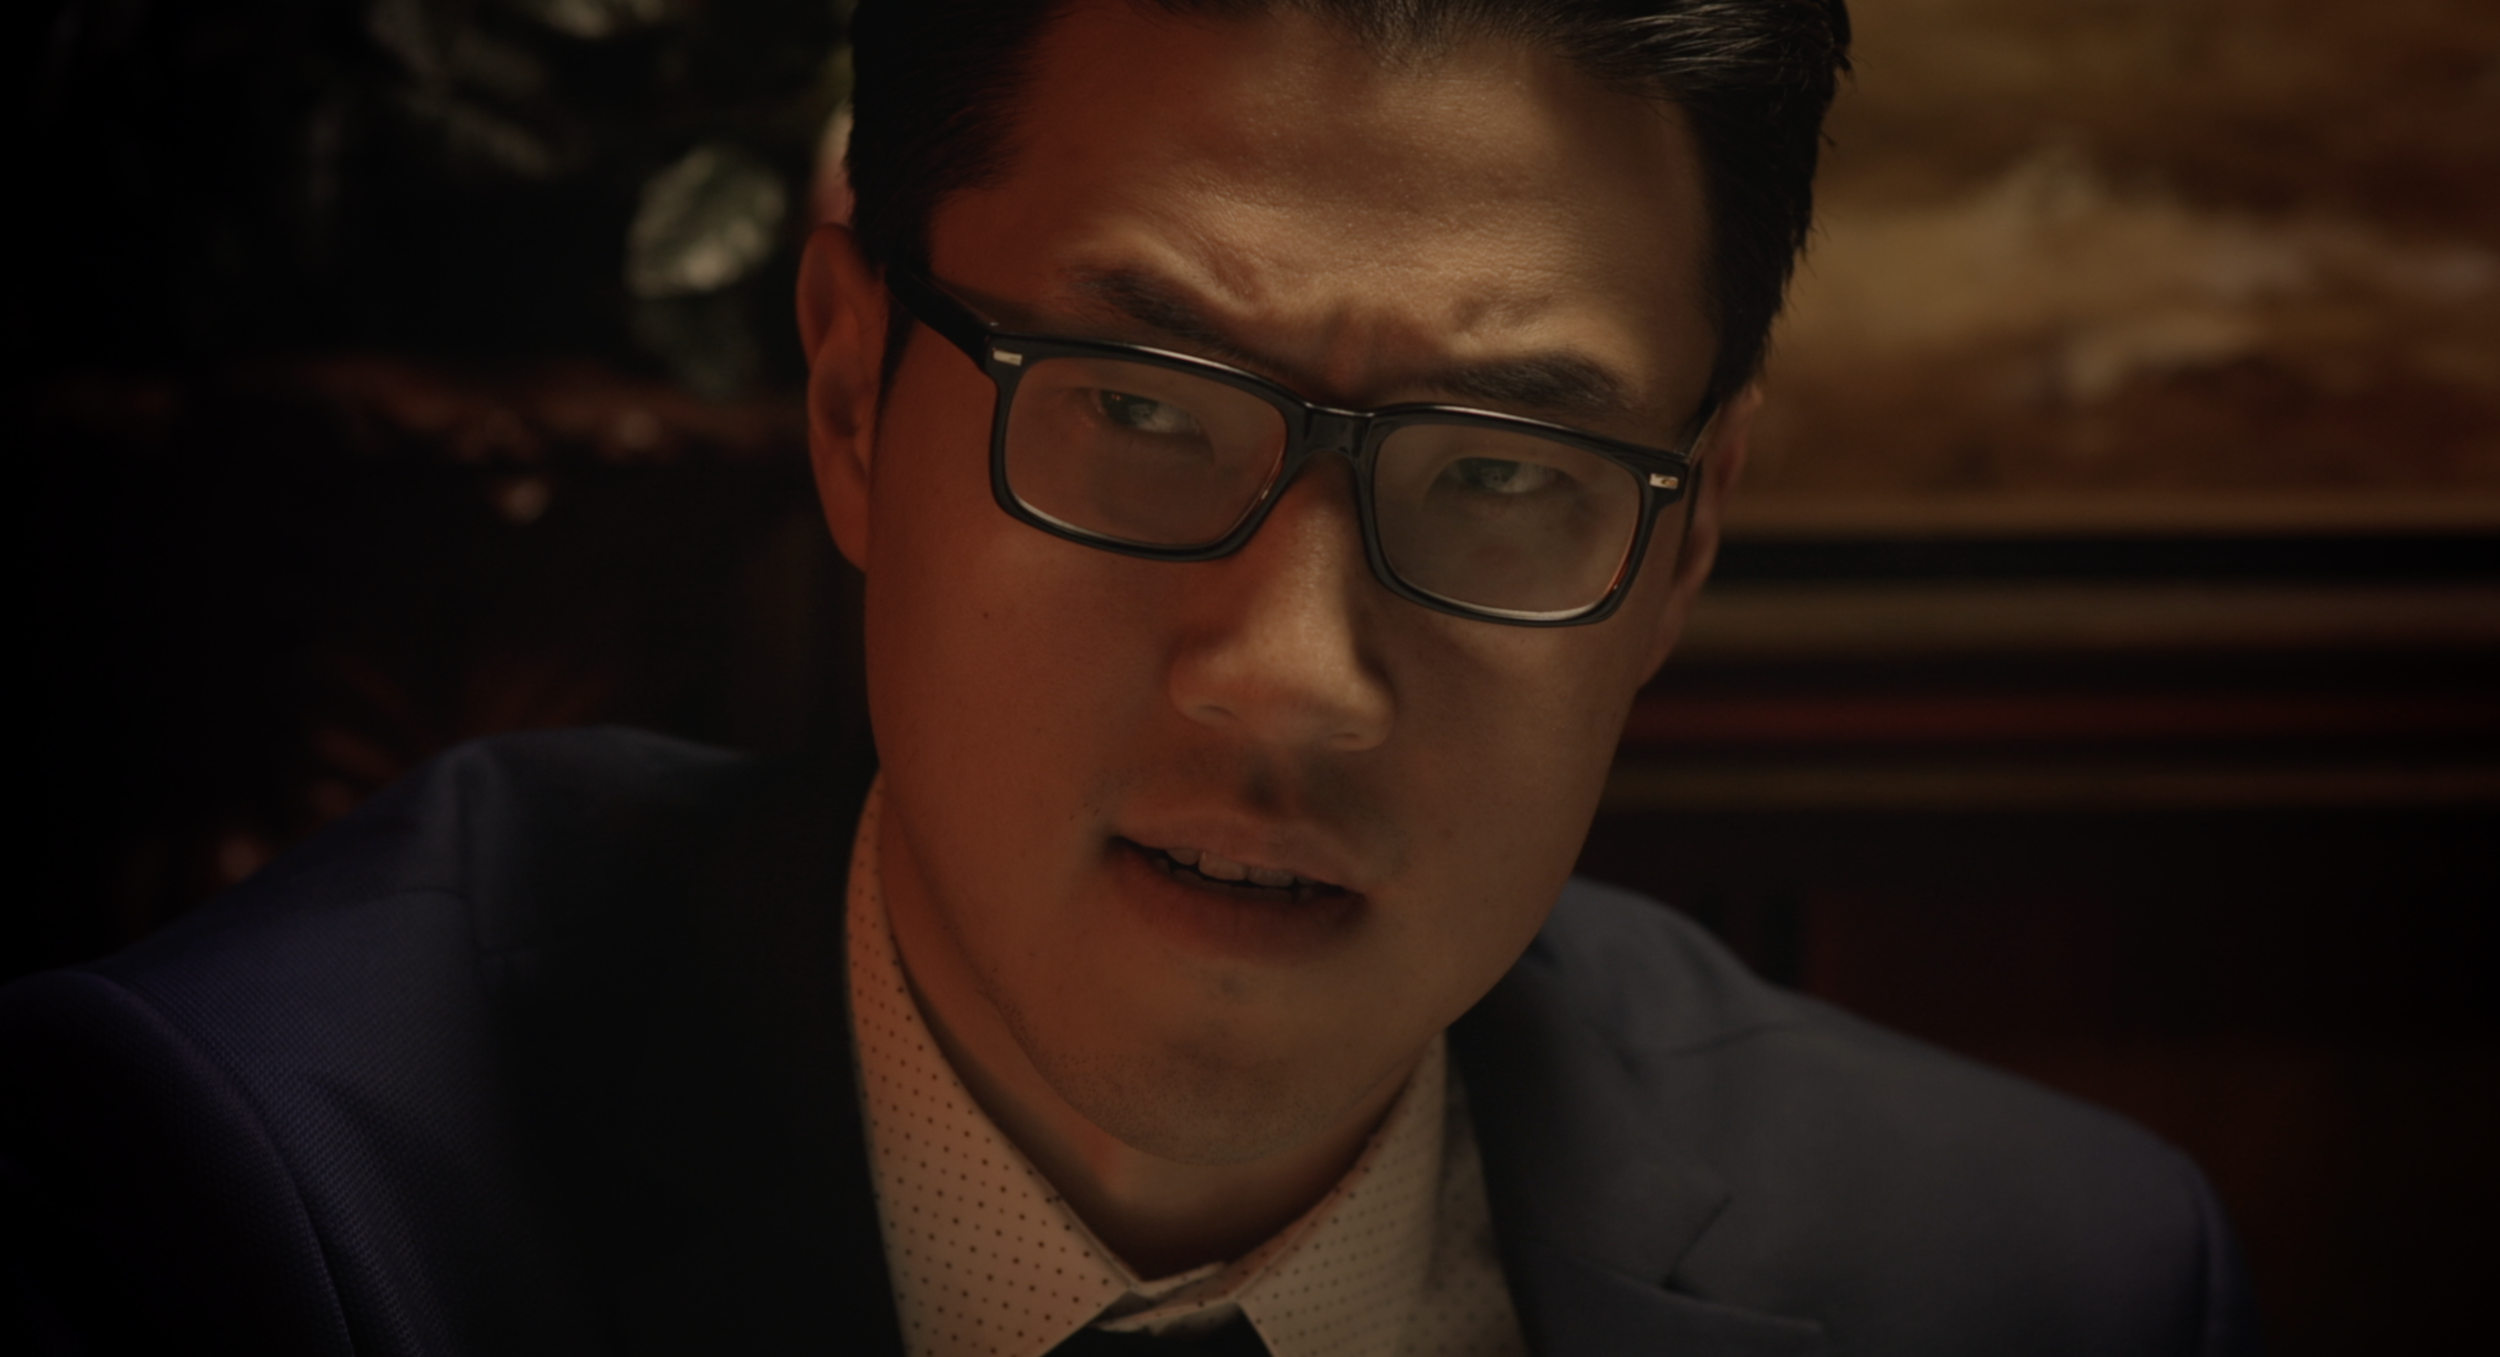 Daniel Phai as Kyung